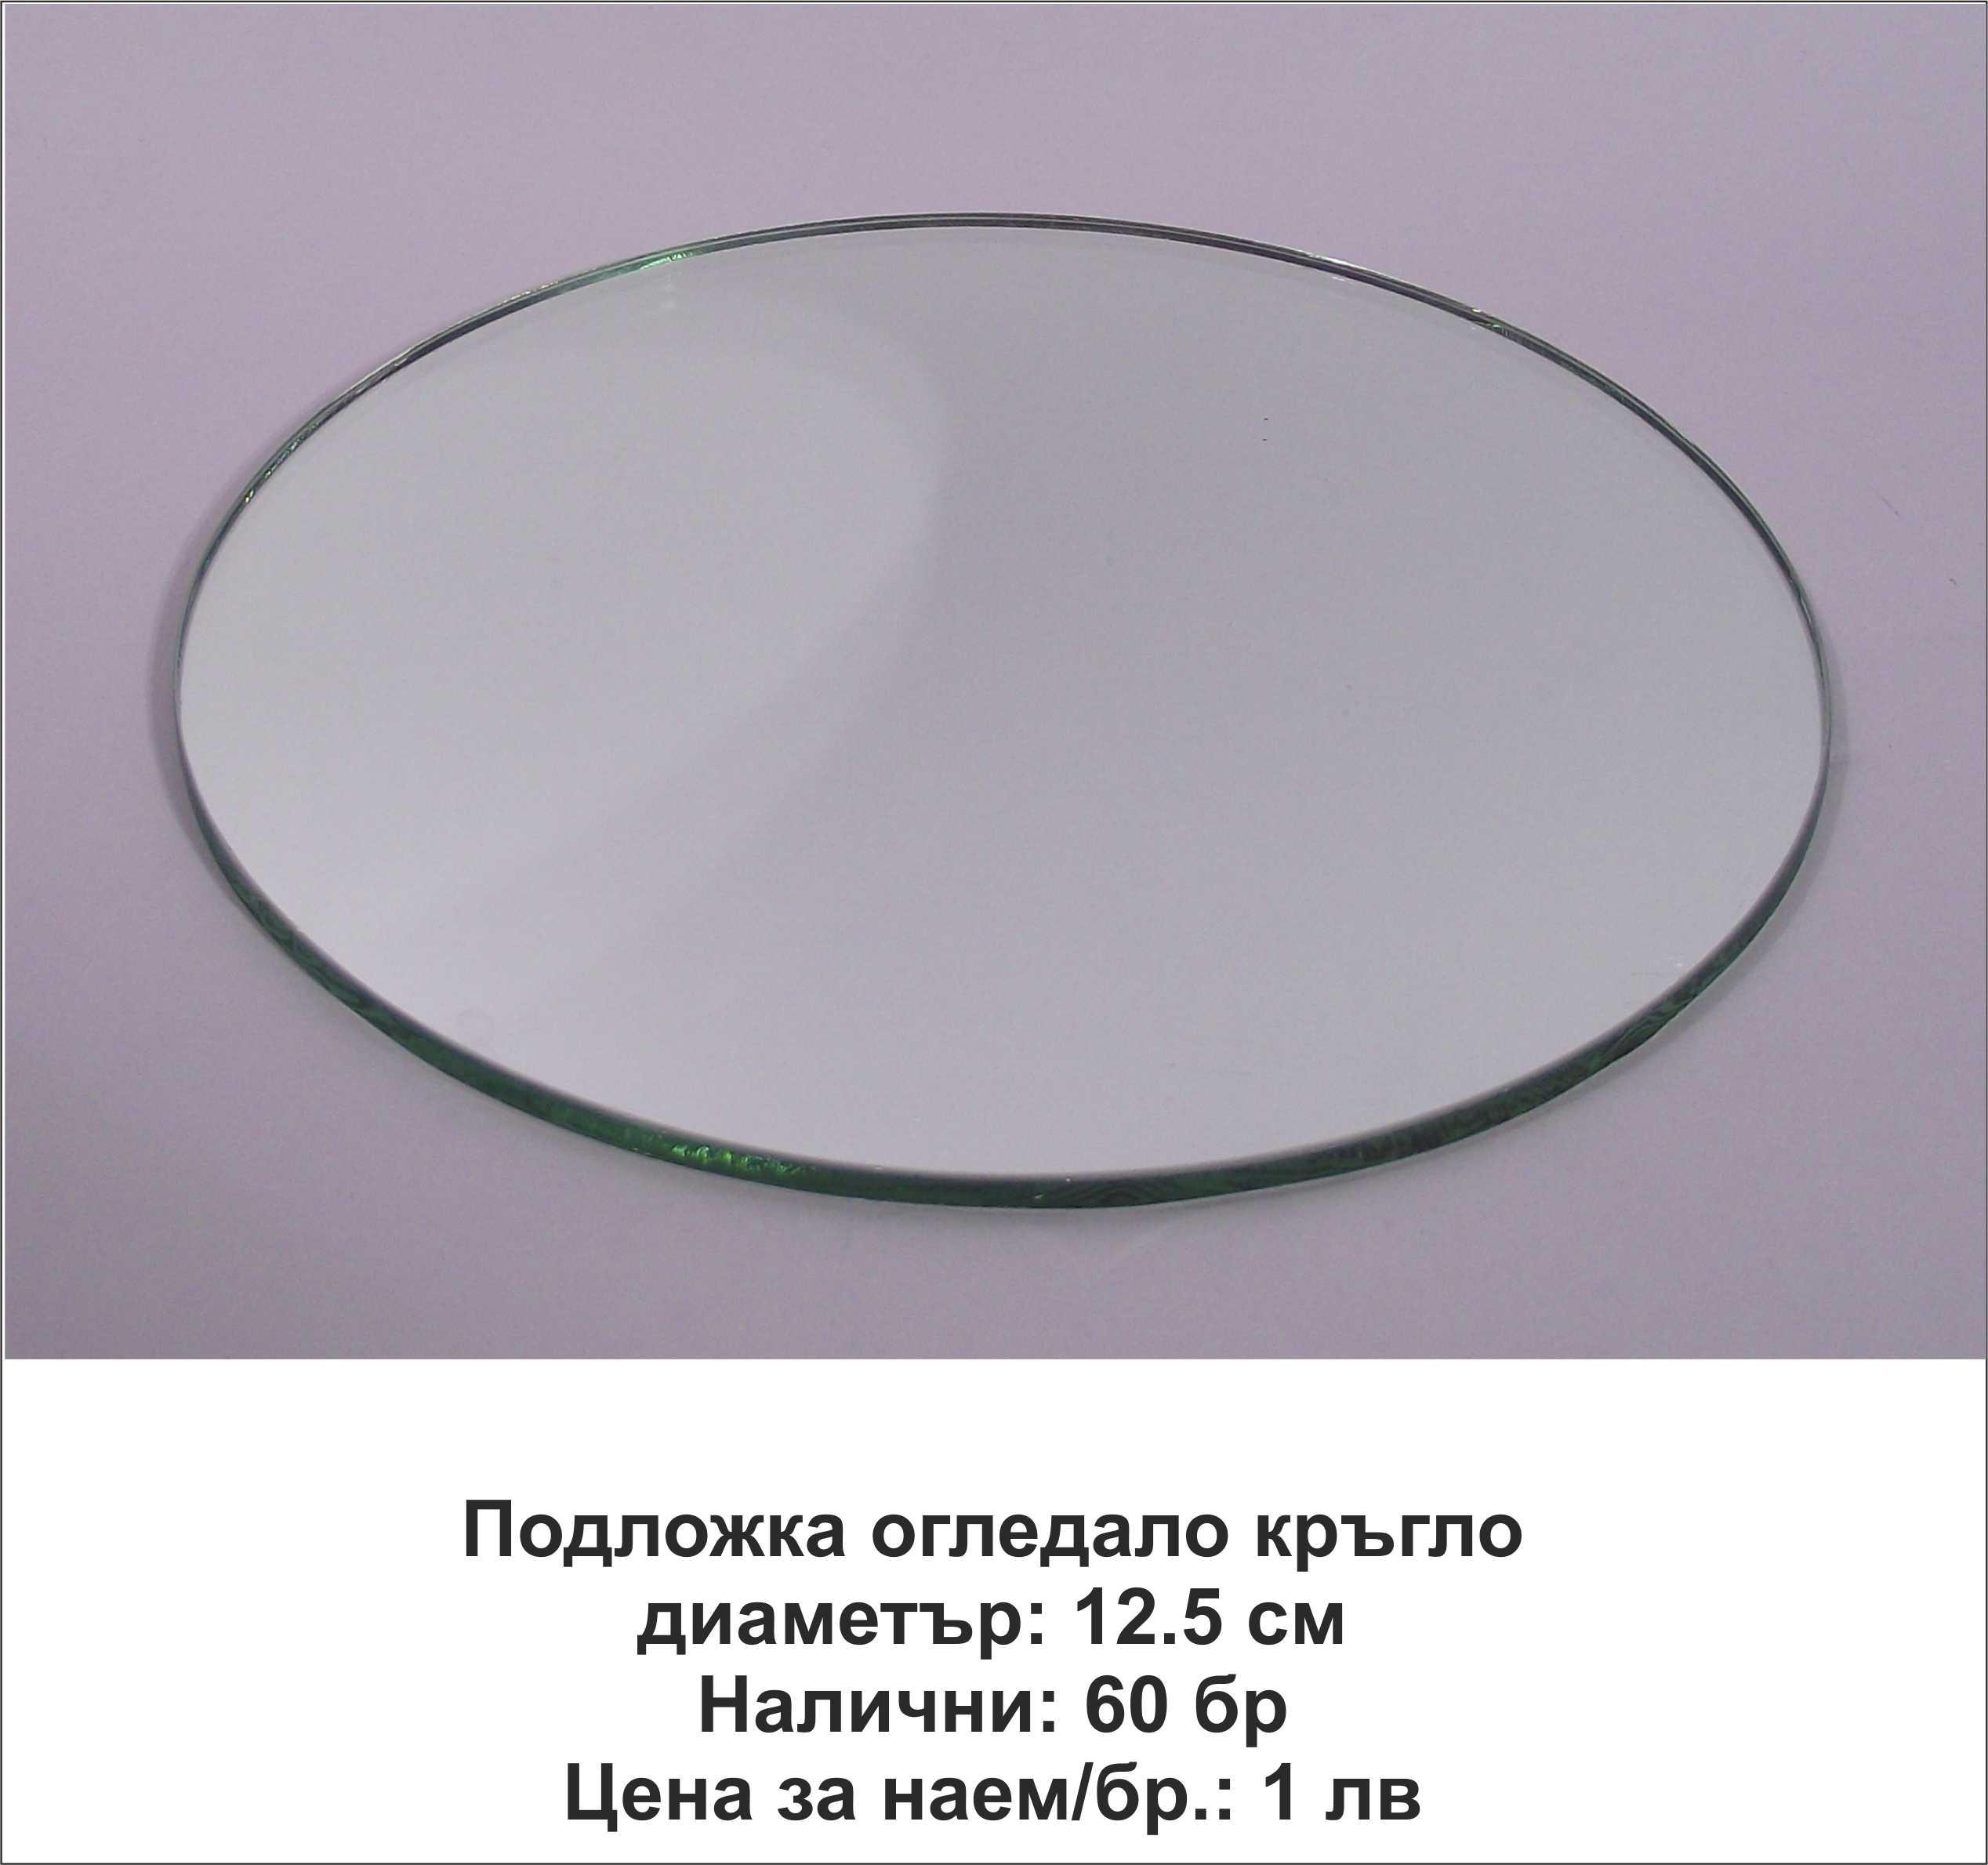 Подложка огледало кръгло. Диаметър: 12,5 см. Цена за наем на брой: 1 лв.